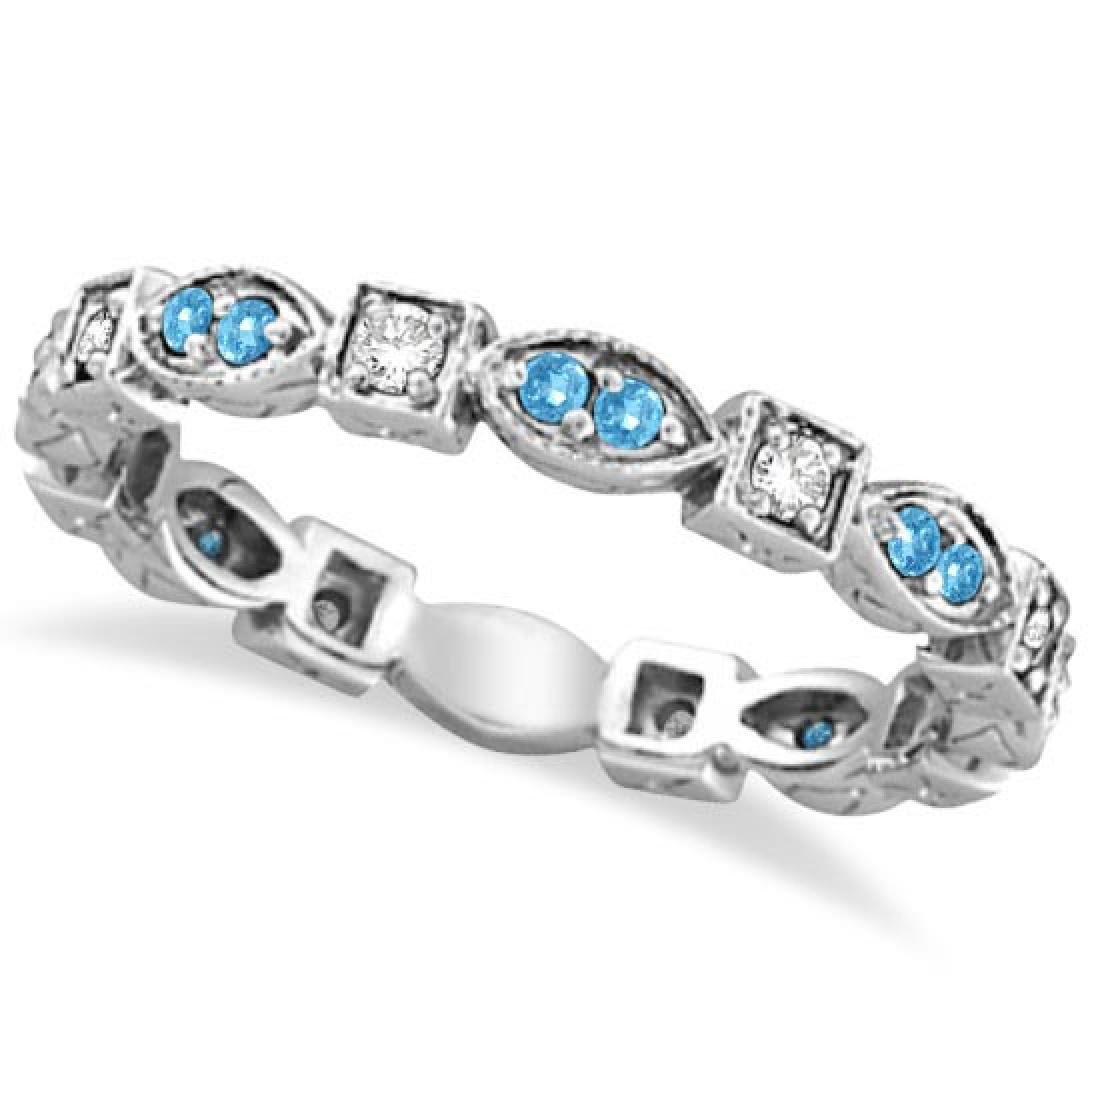 Aquamarine and Diamond Eternity Anniversary Ring Band 1